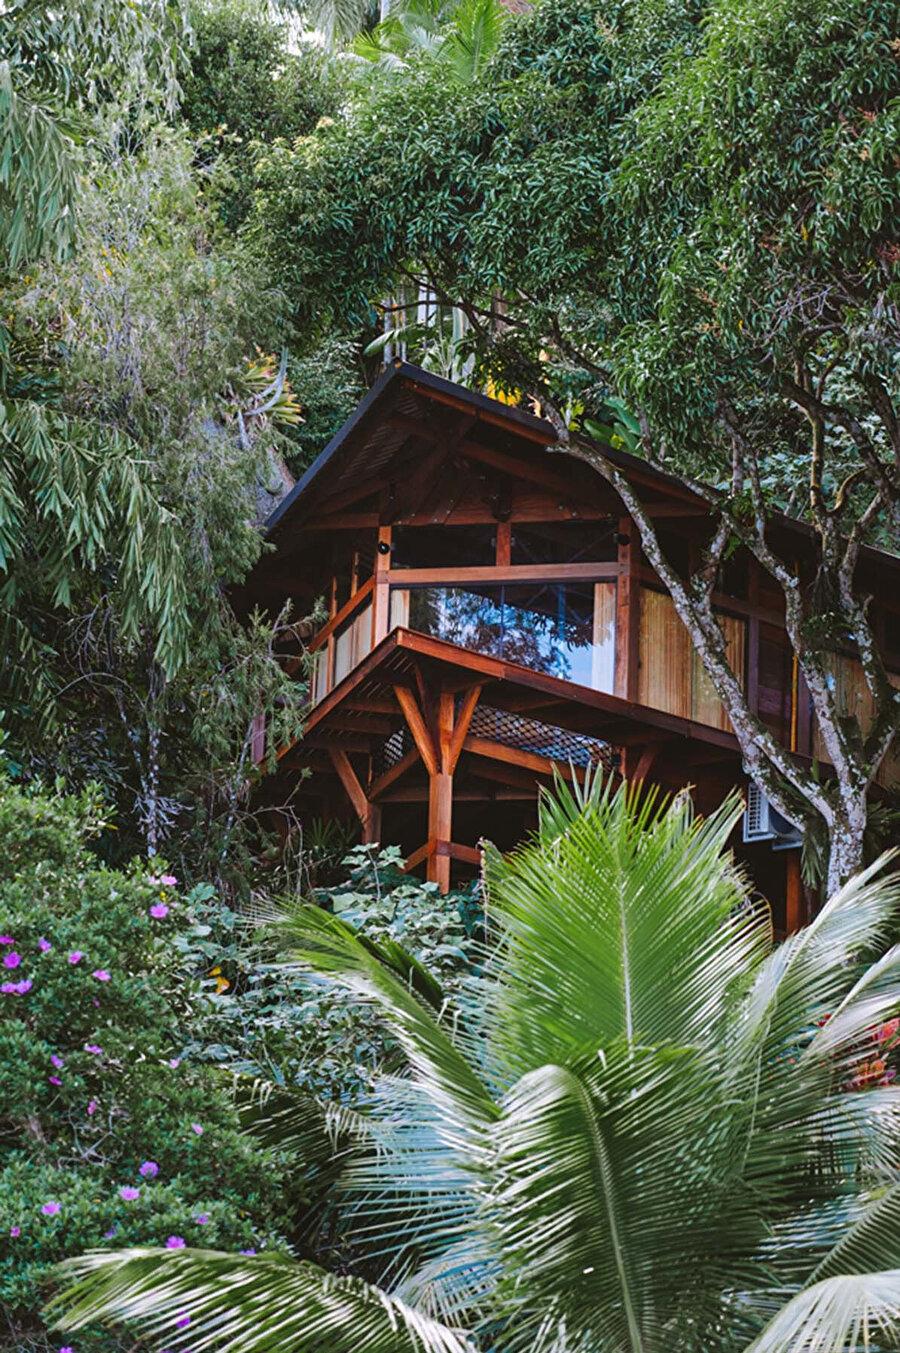 Bow House, Brezilya'nın yemyeşil bir ormanında mango ağaçları arasında yer alıyor.